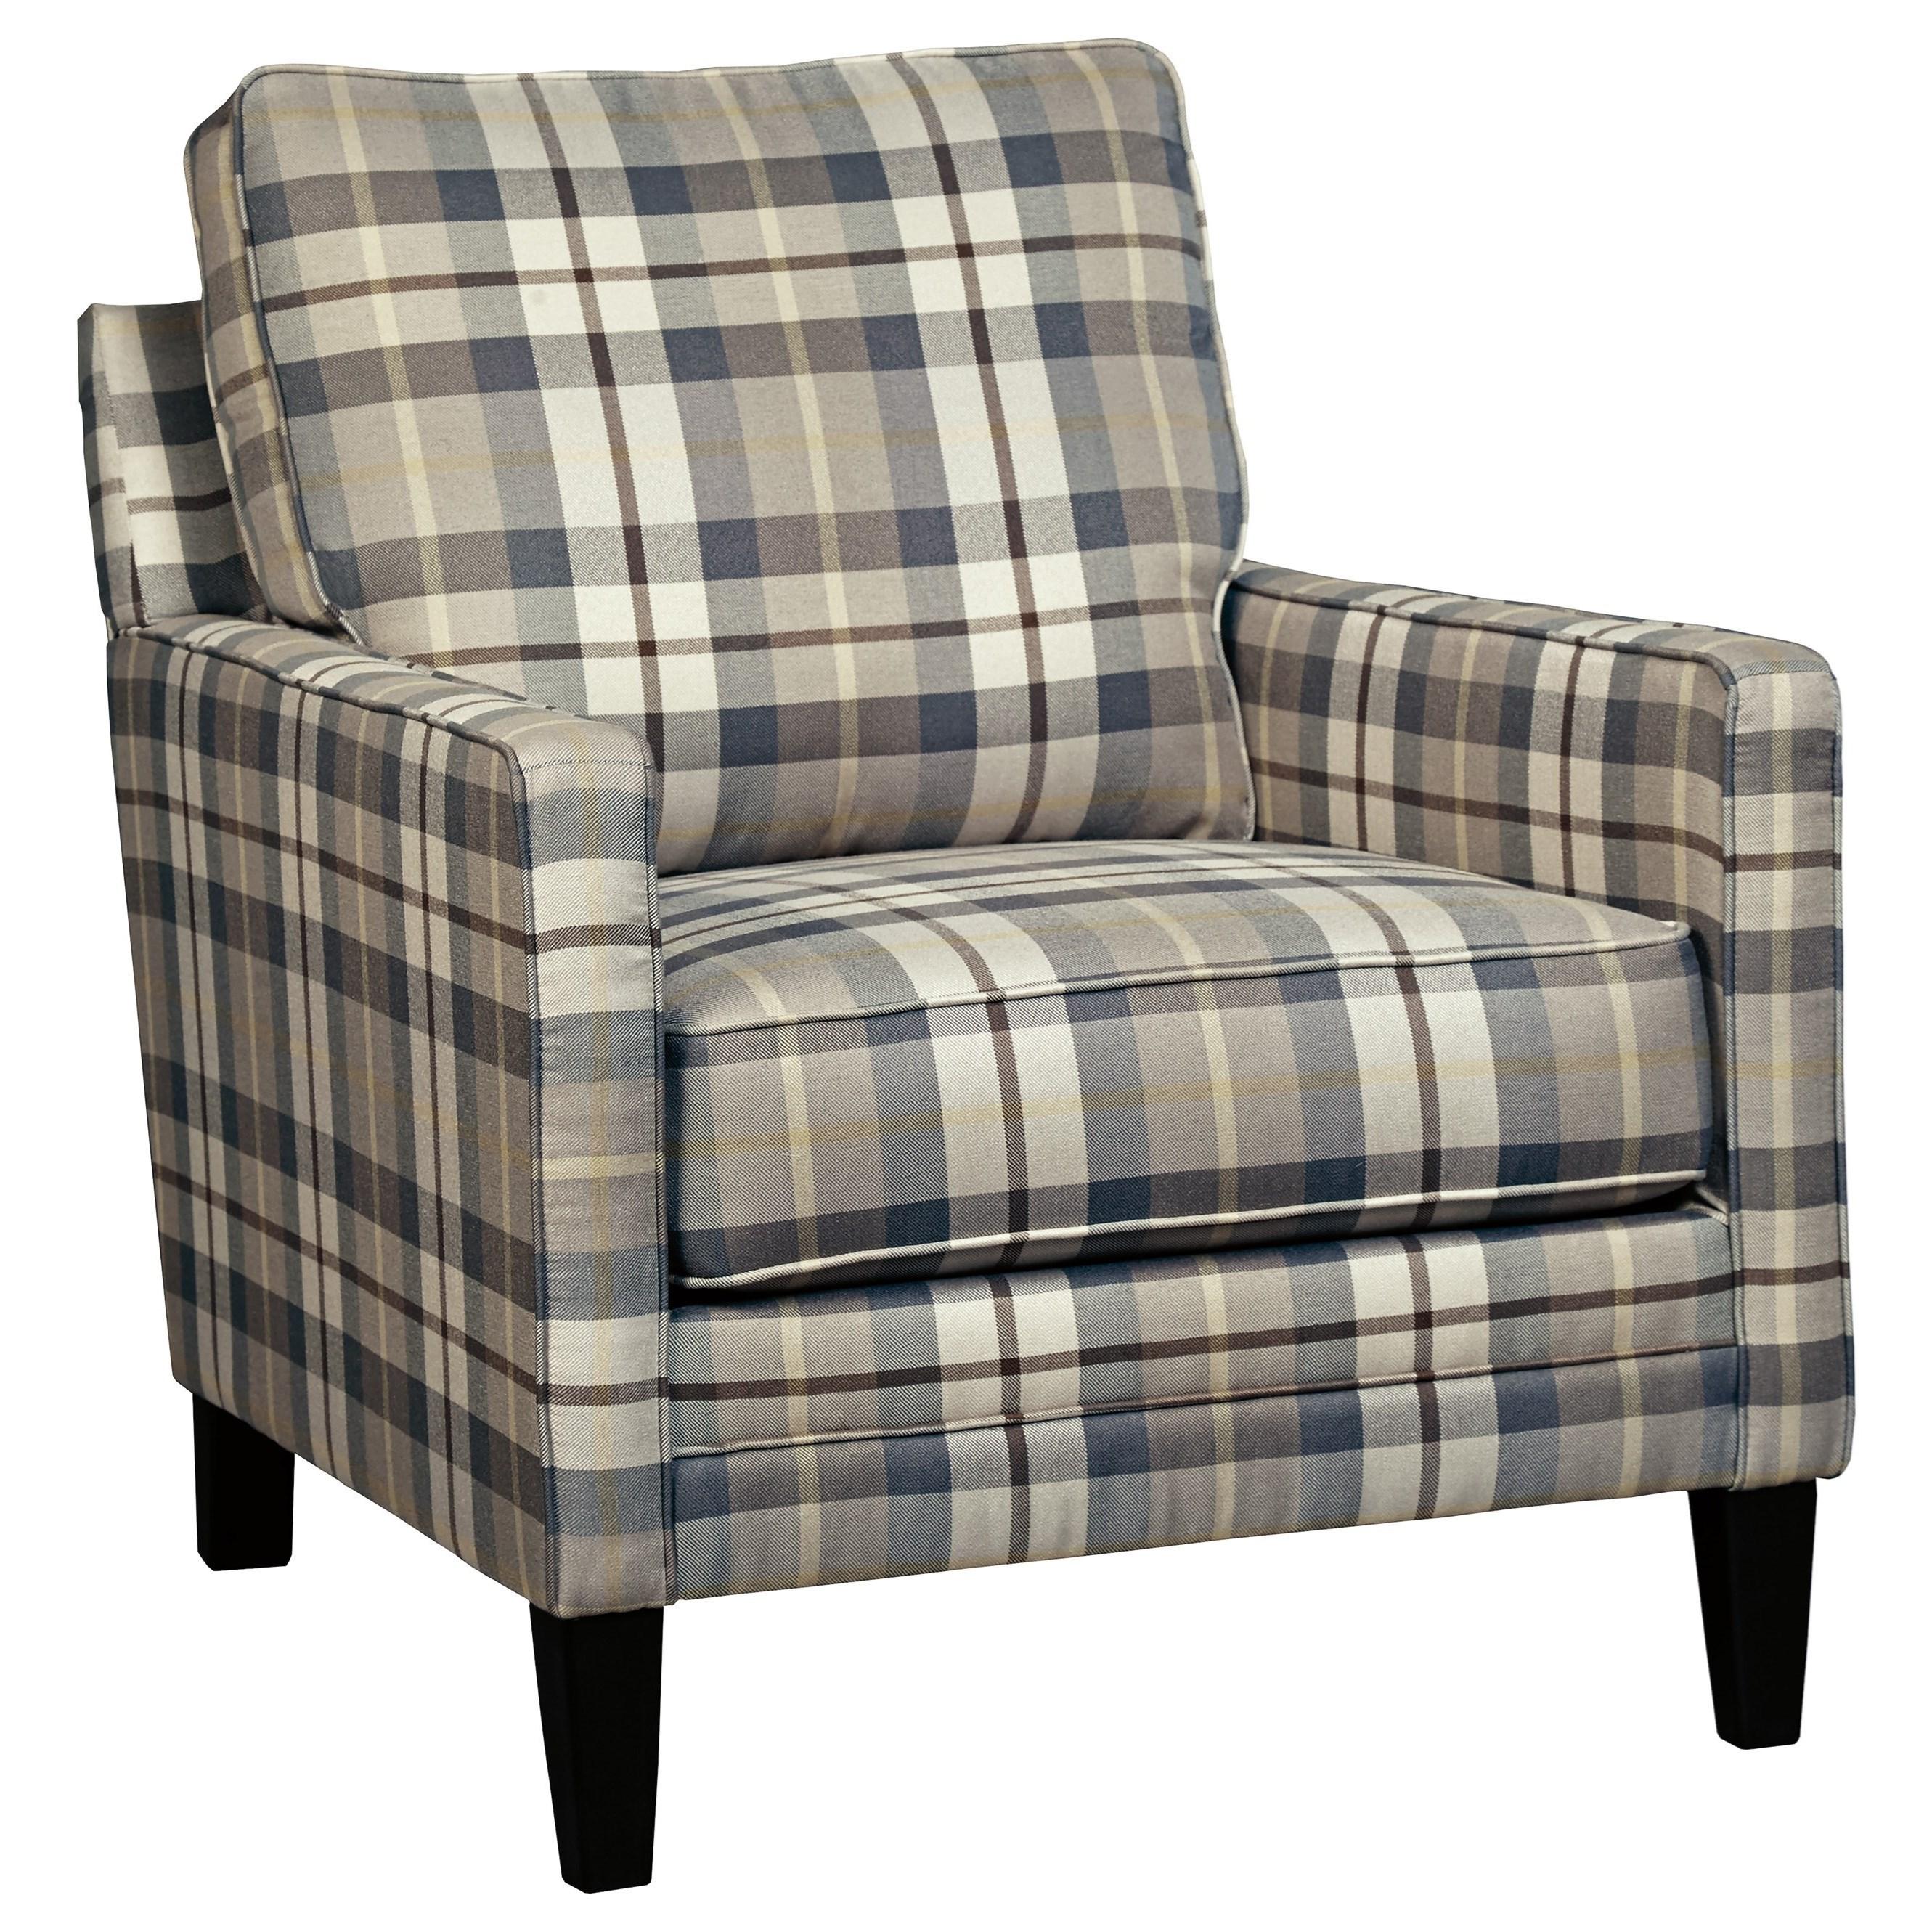 Superieur Millennium AustwellAccent Chair; Millennium AustwellAccent Chair